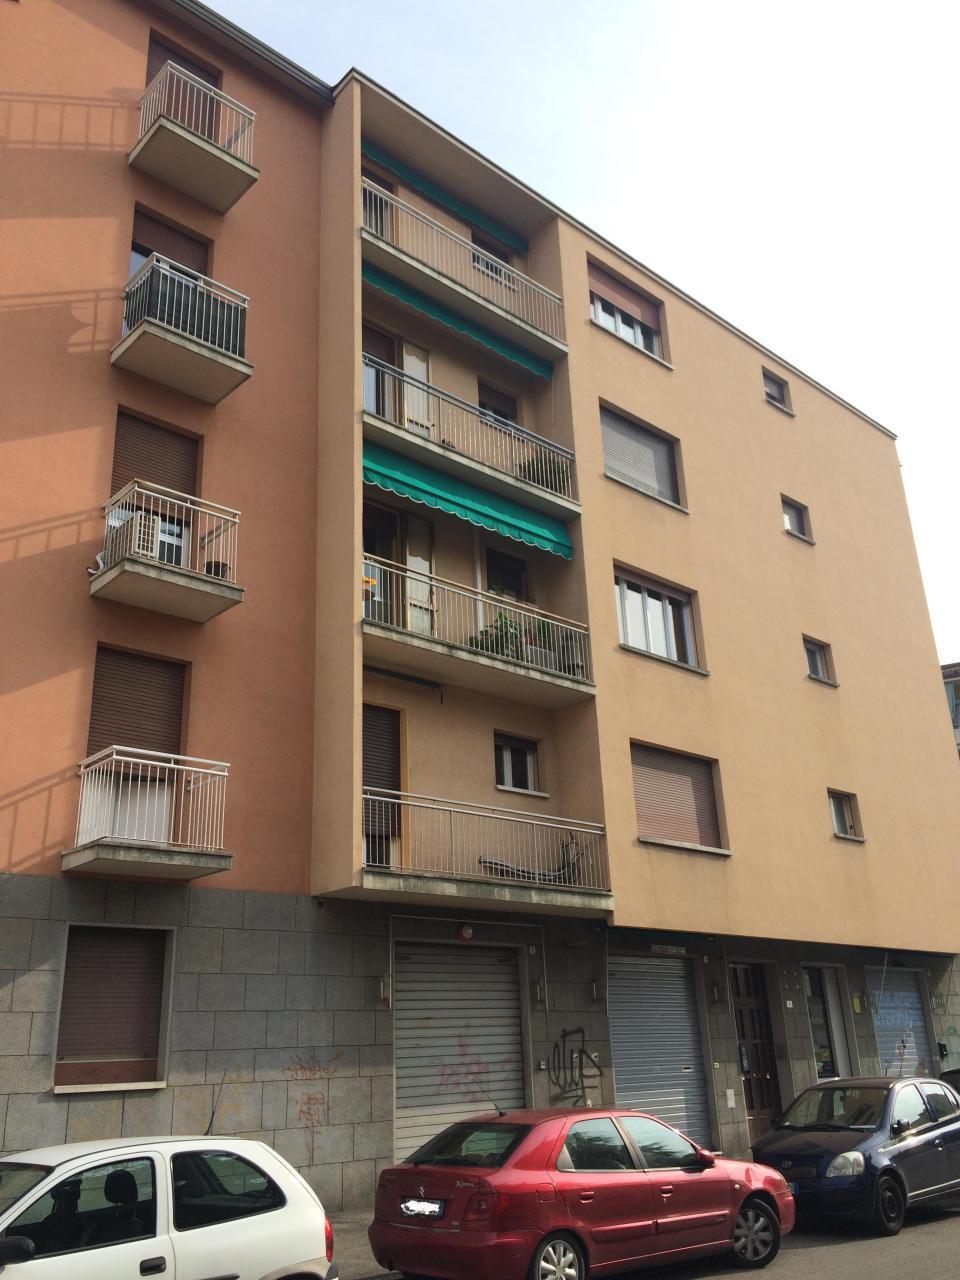 Agenzia immobiliare bologna vendita appartamenti bologna for Appartamenti in vendita bologna